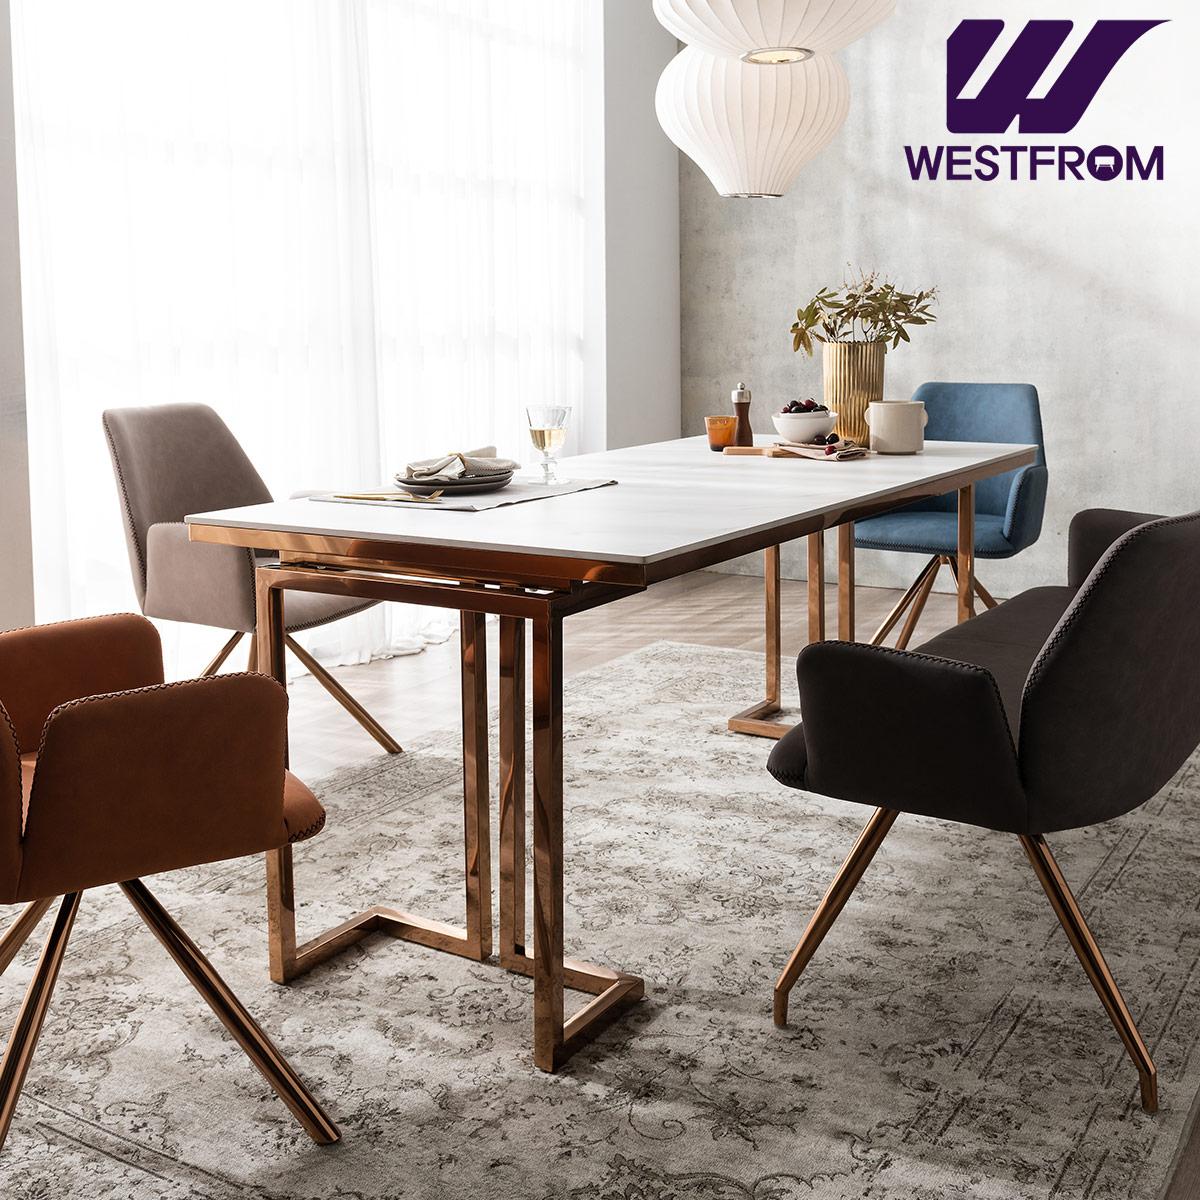 [웨스트프롬] 르노블 4인 포세린 세라믹 식탁 + 의자 4개